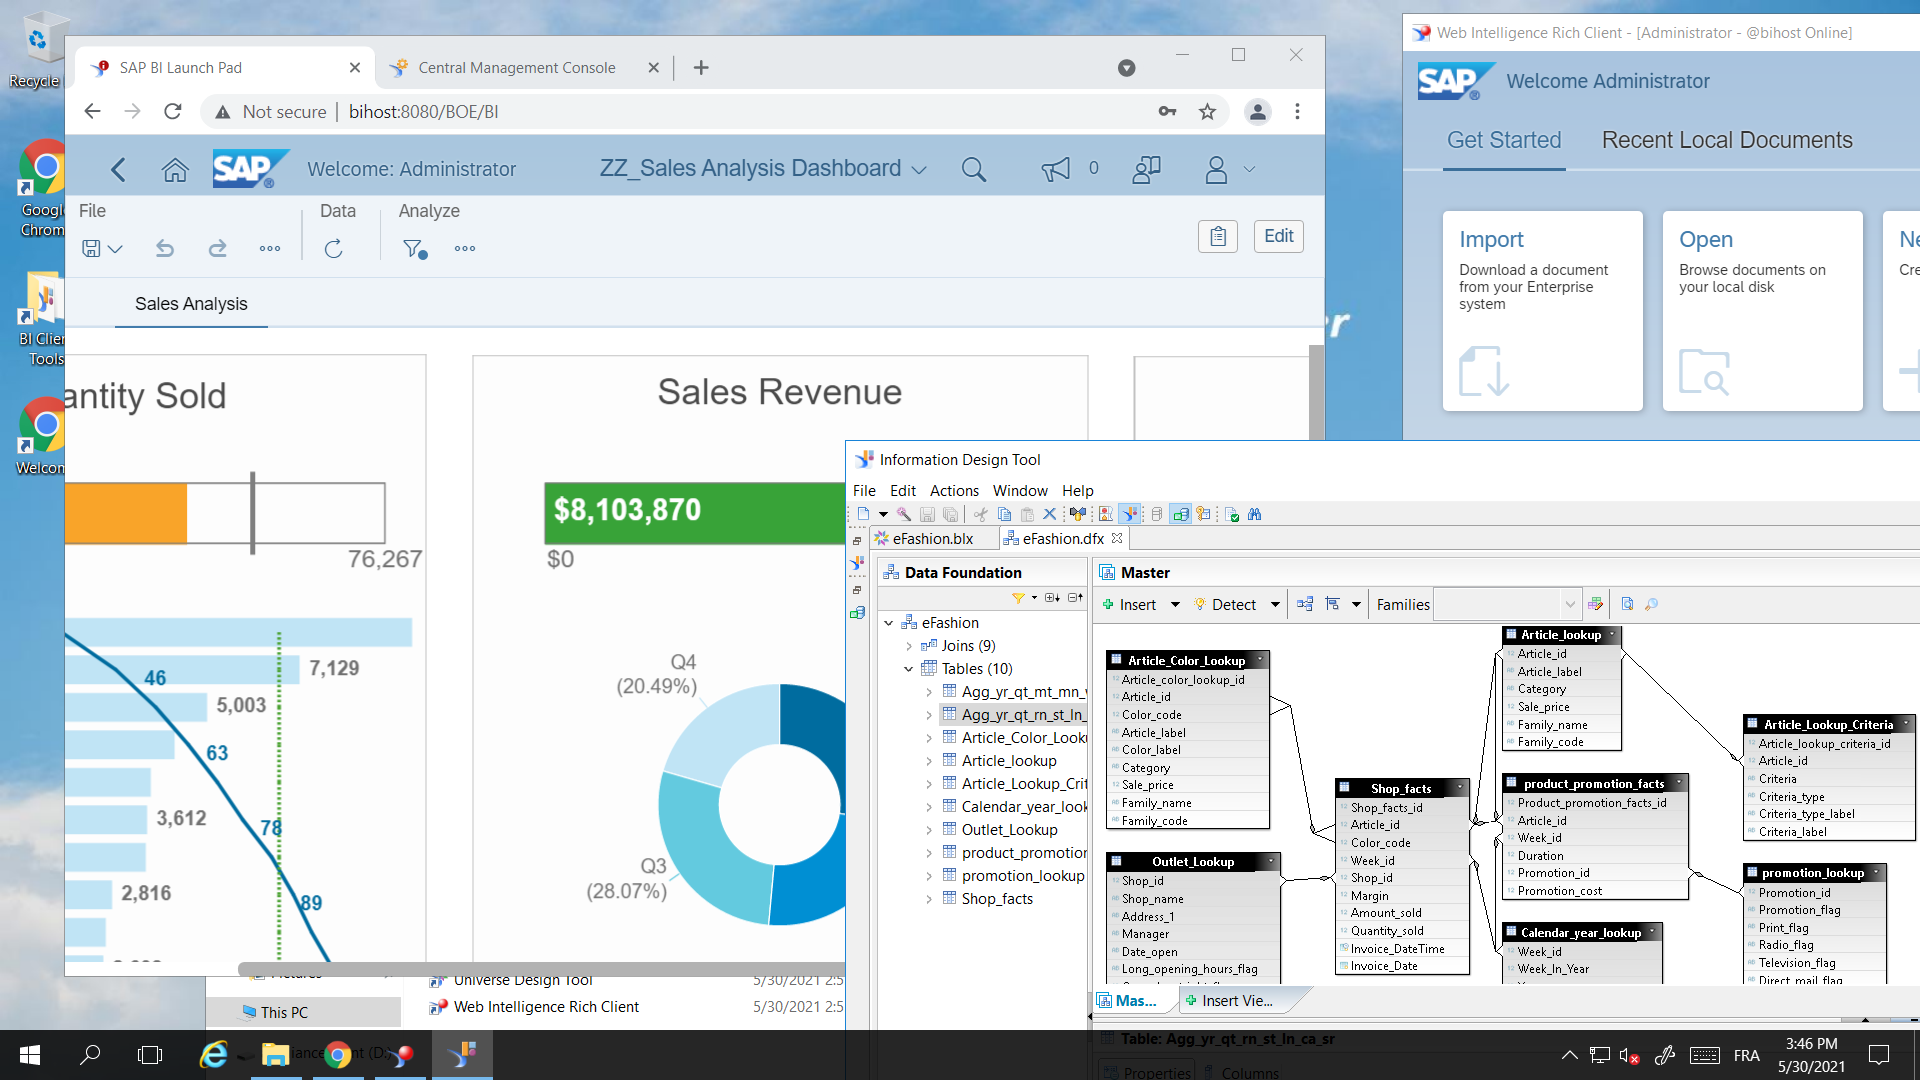 SAP%20BI%204.3%20SP1%20on%20SAP%20CAL